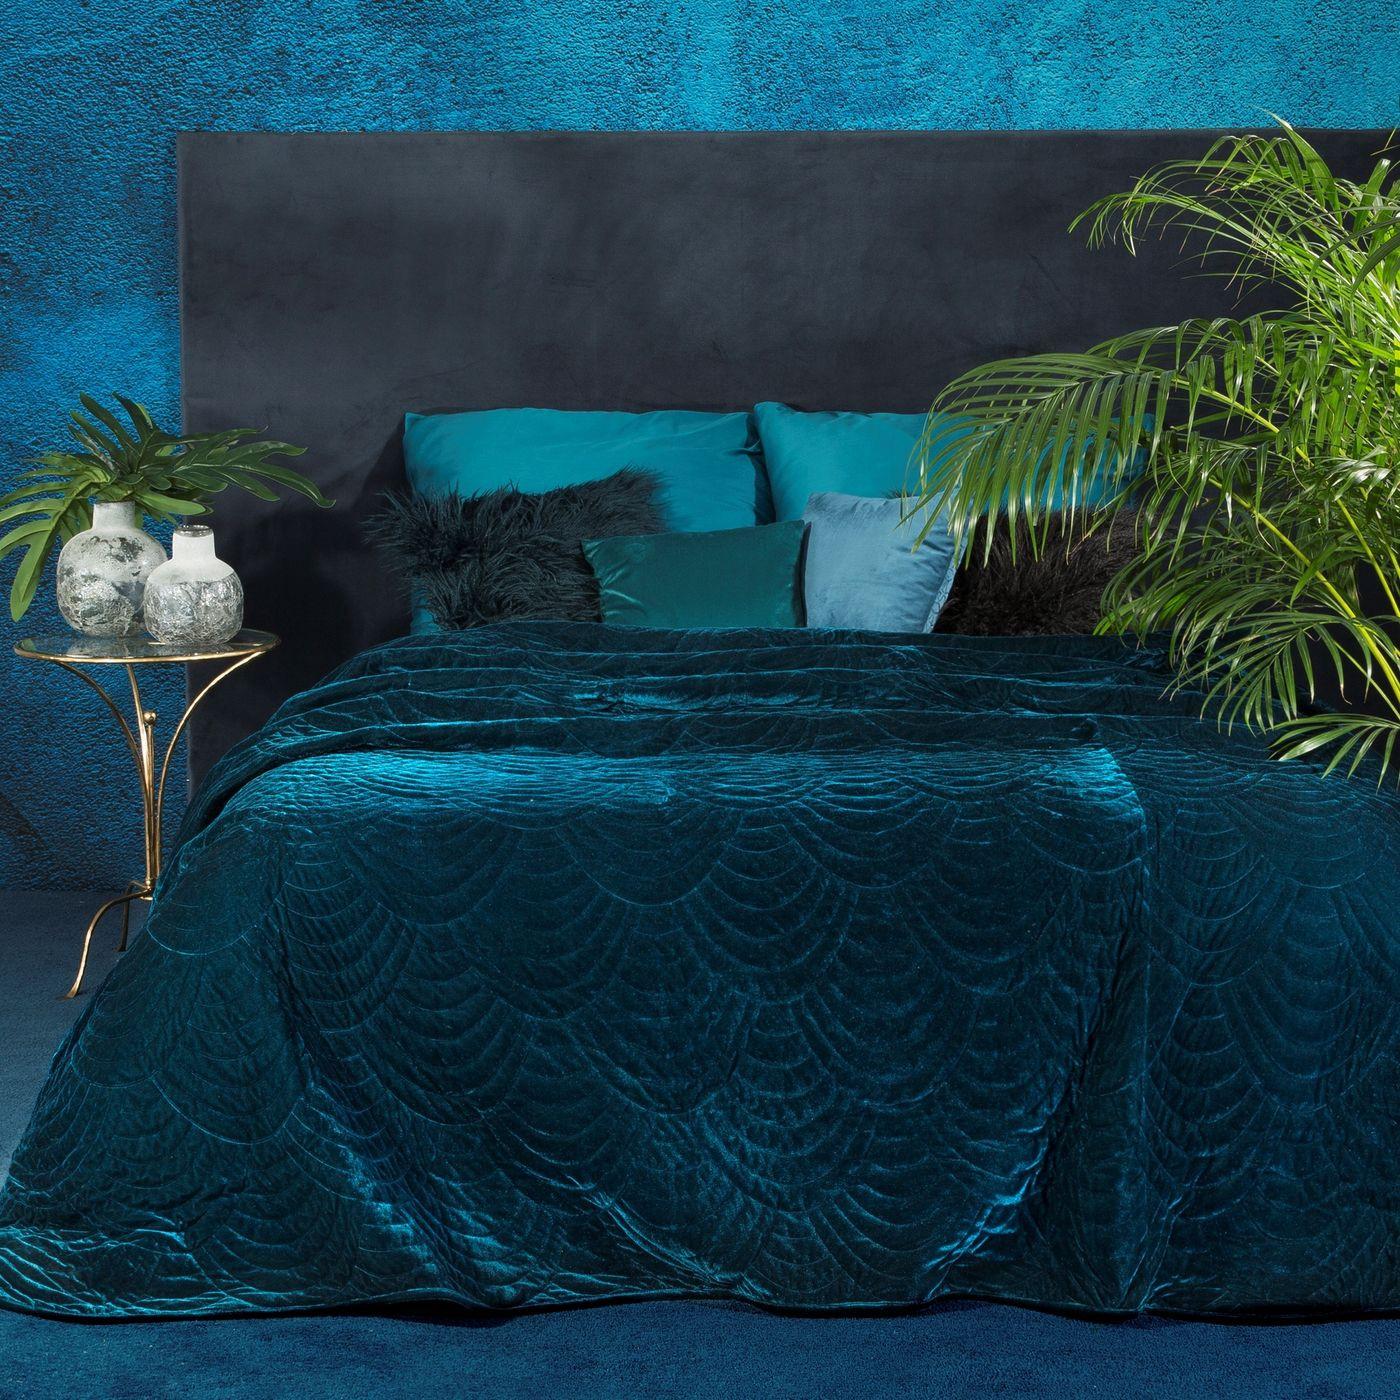 Ekskluzywna narzuta do sypialni pikowana - mój wybór Eva Minge -turkus 170x210 cm